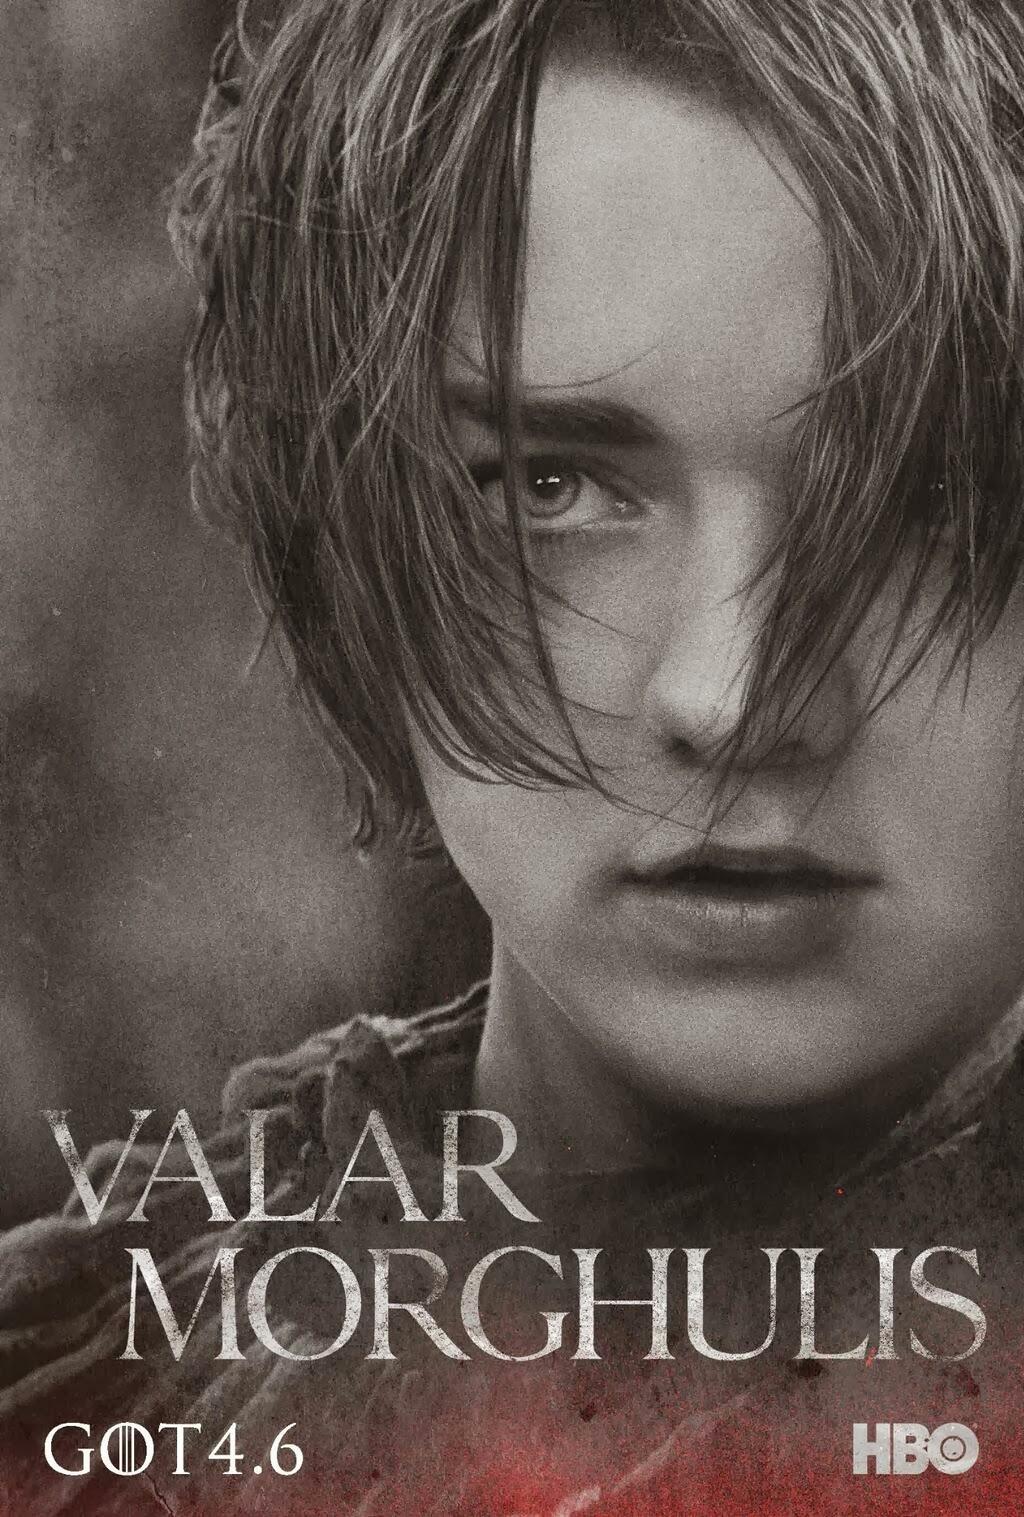 Arya póster promocional cuarta temporada de Juego de Tronos - Juego de Tronos en los siete reinos